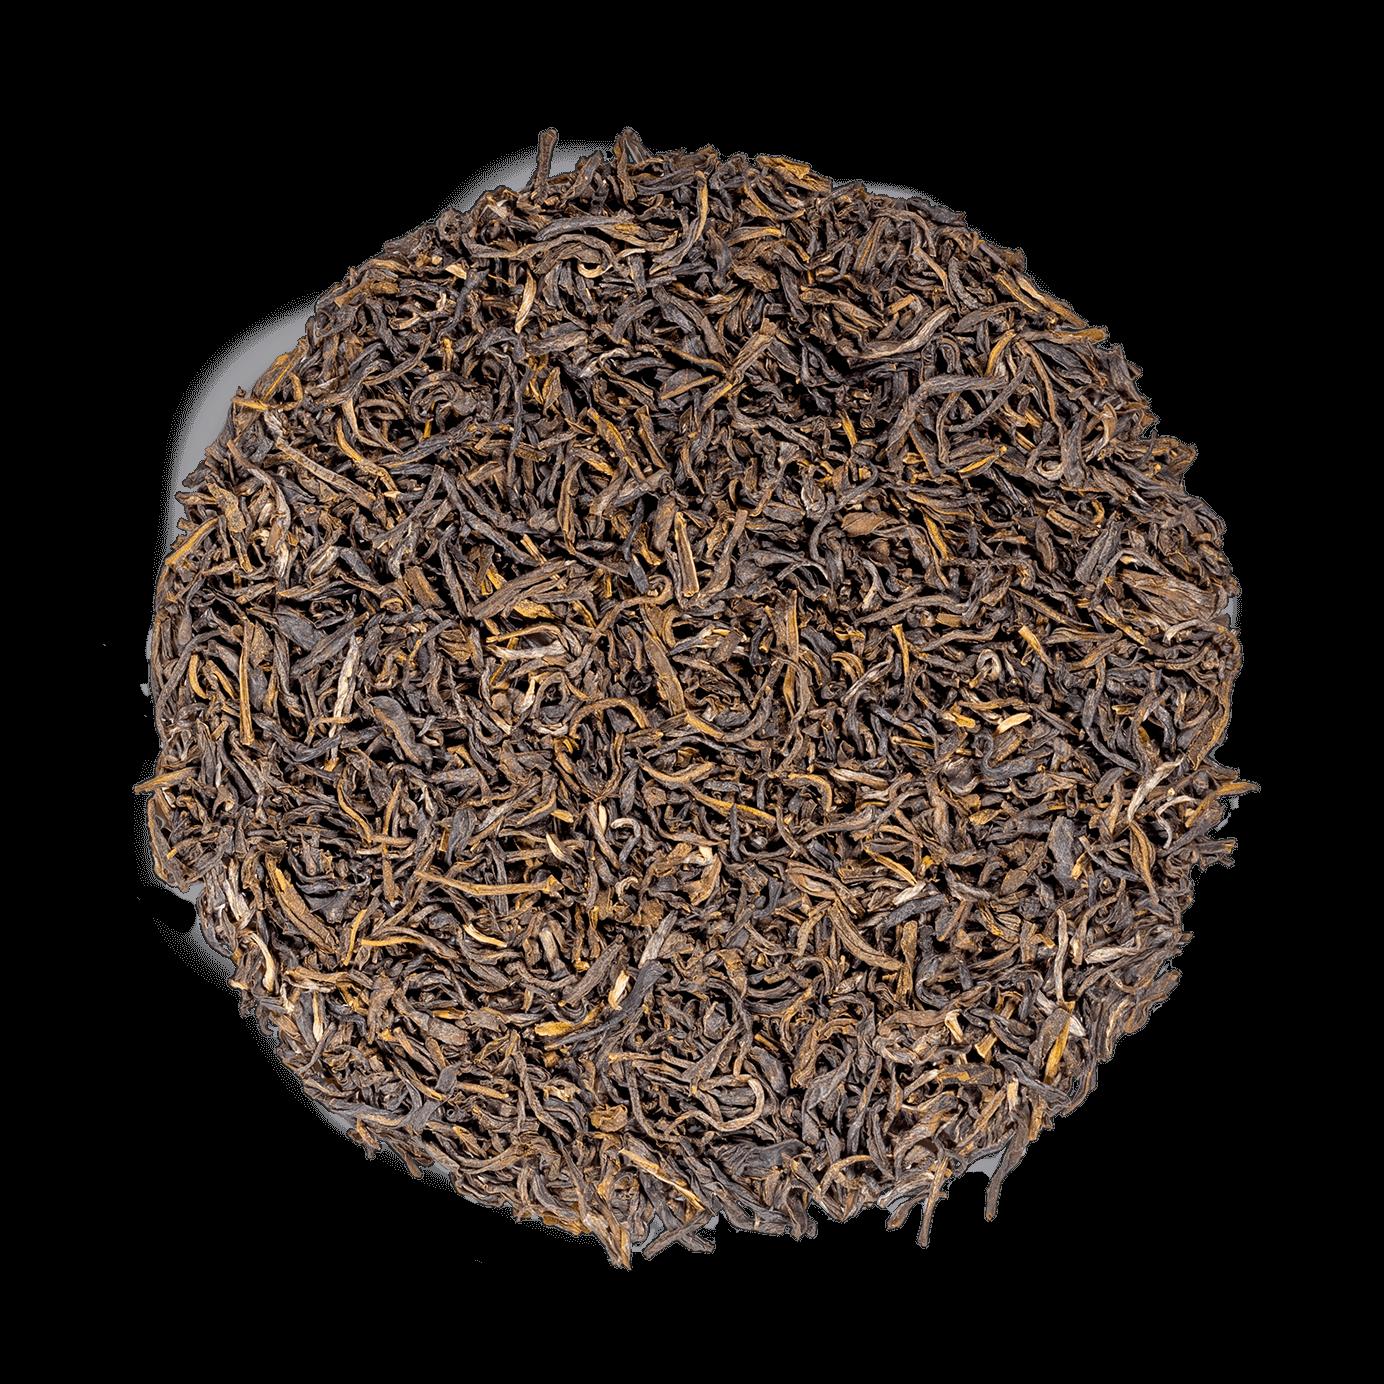 Vert Jasmin bio - Thé vert au jasmin - Thé en vrac - Kusmi Tea